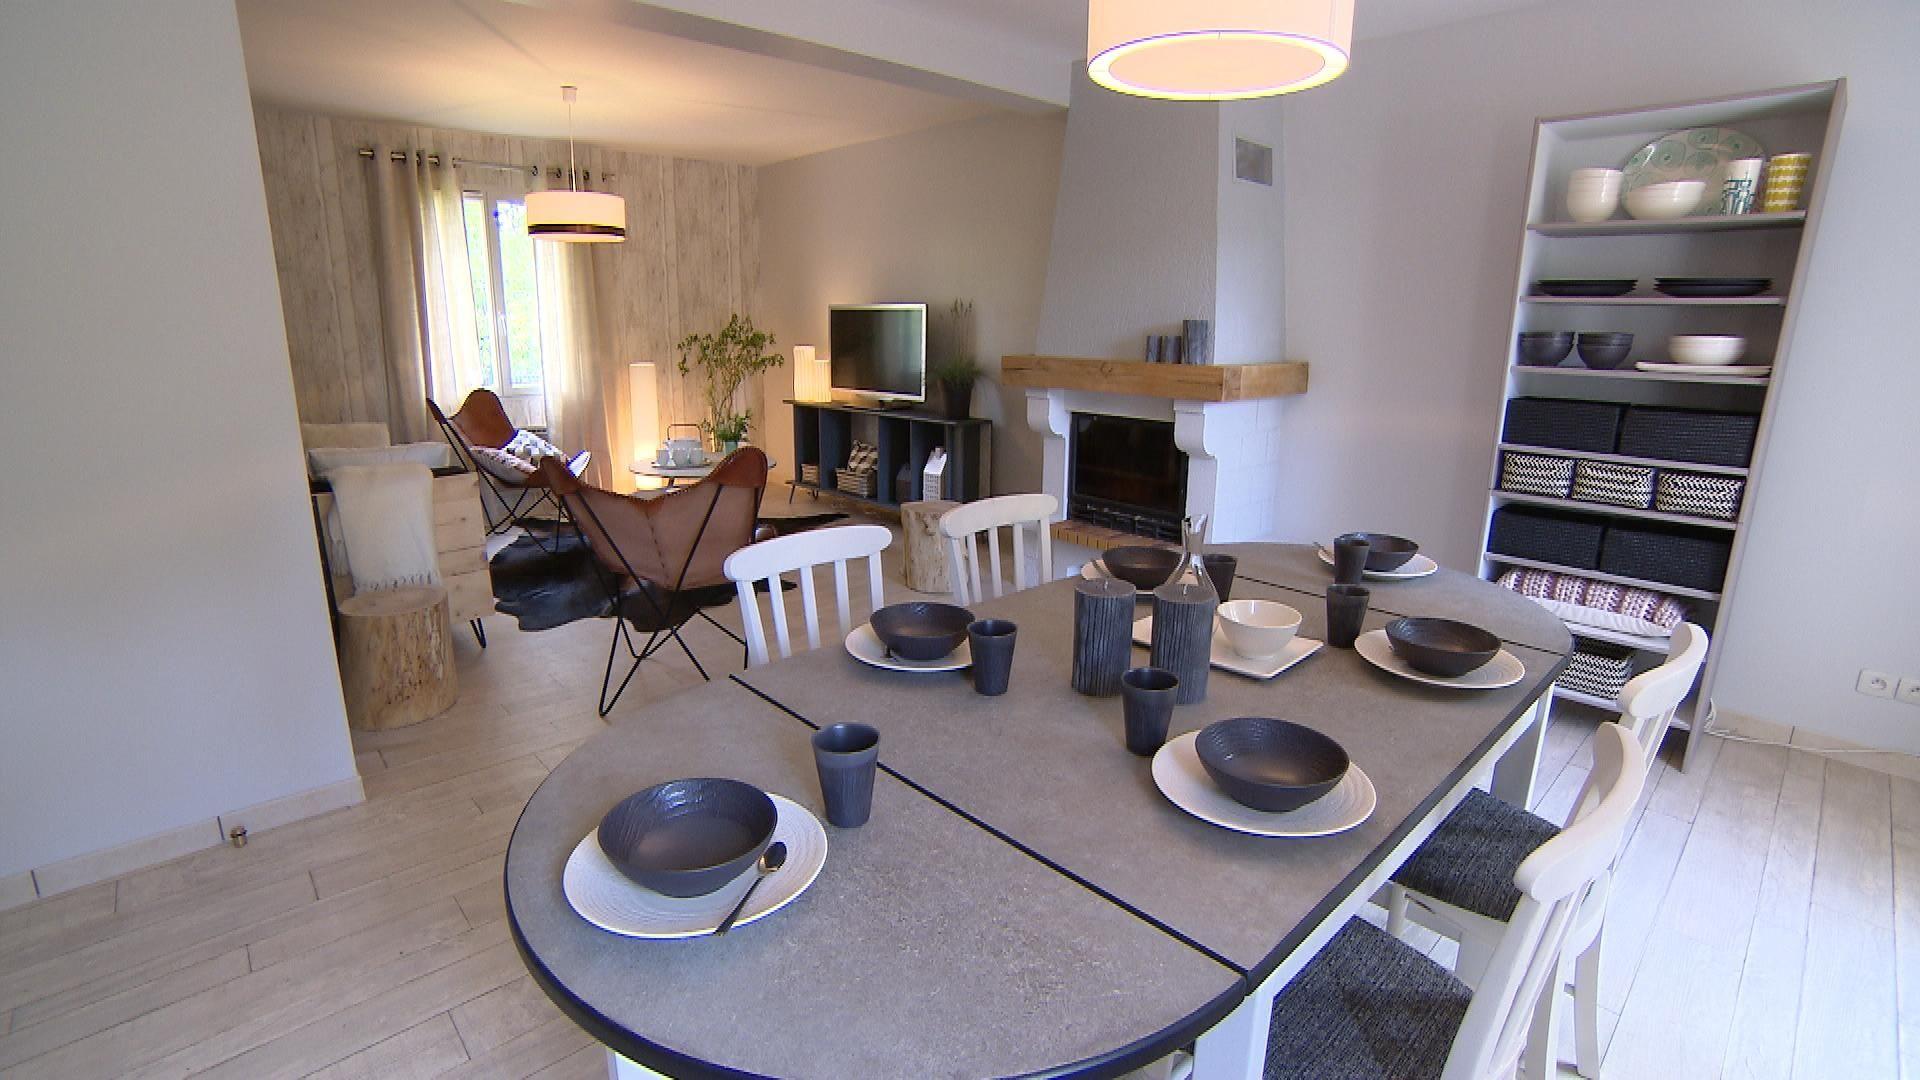 Deco Un Salon Salle Manger Dans Une Ambiance Nordique Avec L  # Salle Tv Nordique